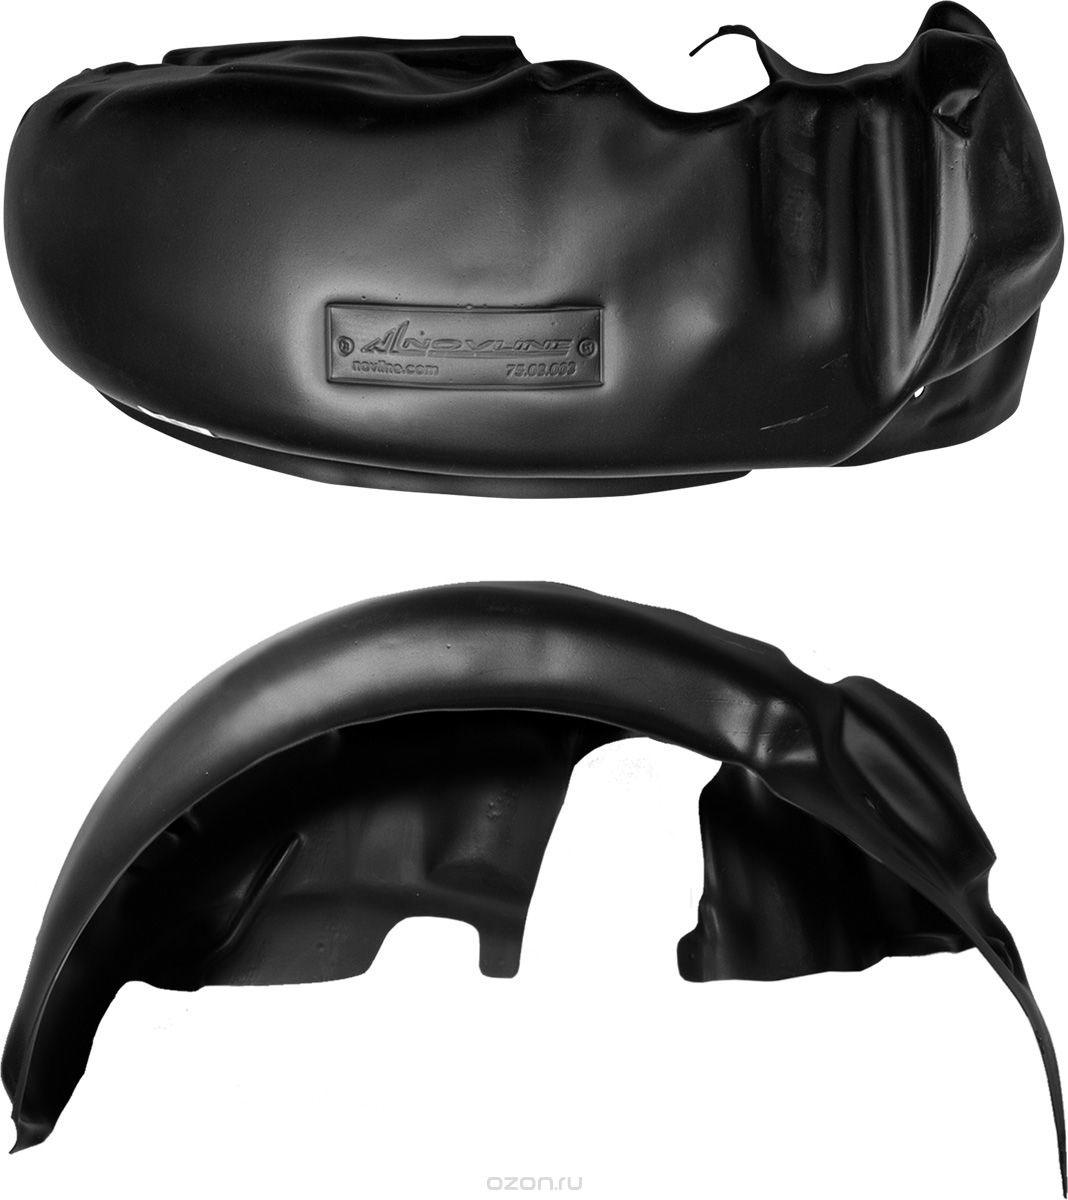 Подкрылок Novline-Autofamily, для NISSAN Murano, 2008->, задний левыйNLL.36.40.003Идеальная защита колесной ниши. Локеры разработаны с применением цифровых технологий, гарантируют максимальную повторяемость поверхности арки. Изделия устанавливаются без нарушения лакокрасочного покрытия автомобиля, каждый подкрылок комплектуется крепежом. Уважаемые клиенты, обращаем ваше внимание, что фотографии на подкрылки универсальные и не отражают реальную форму изделия. При этом само изделие идет точно под размер указанного автомобиля.